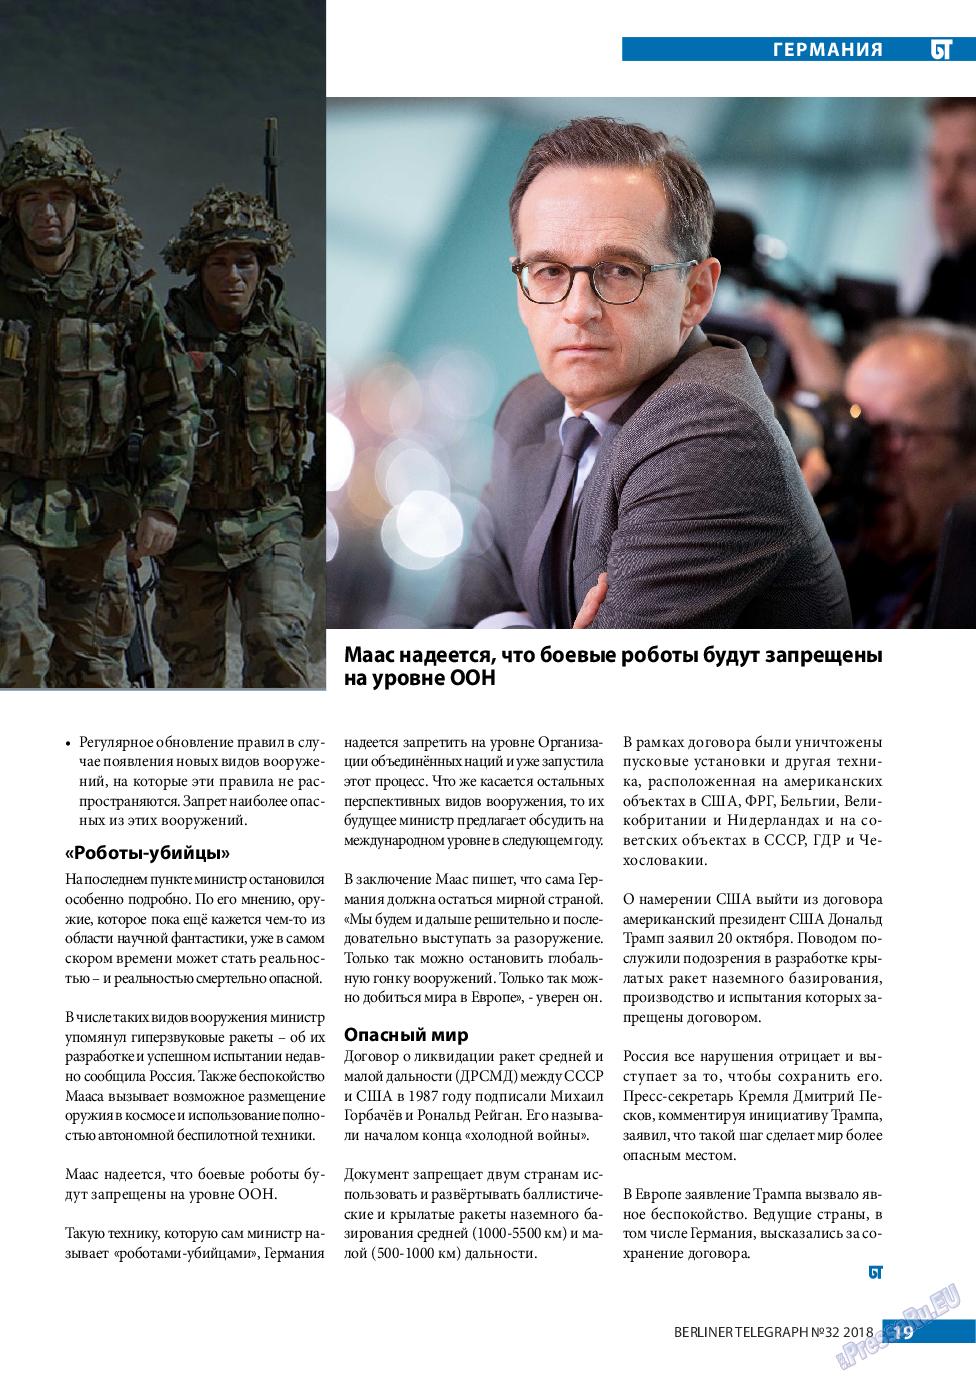 Берлинский телеграф (журнал). 2018 год, номер 32, стр. 19